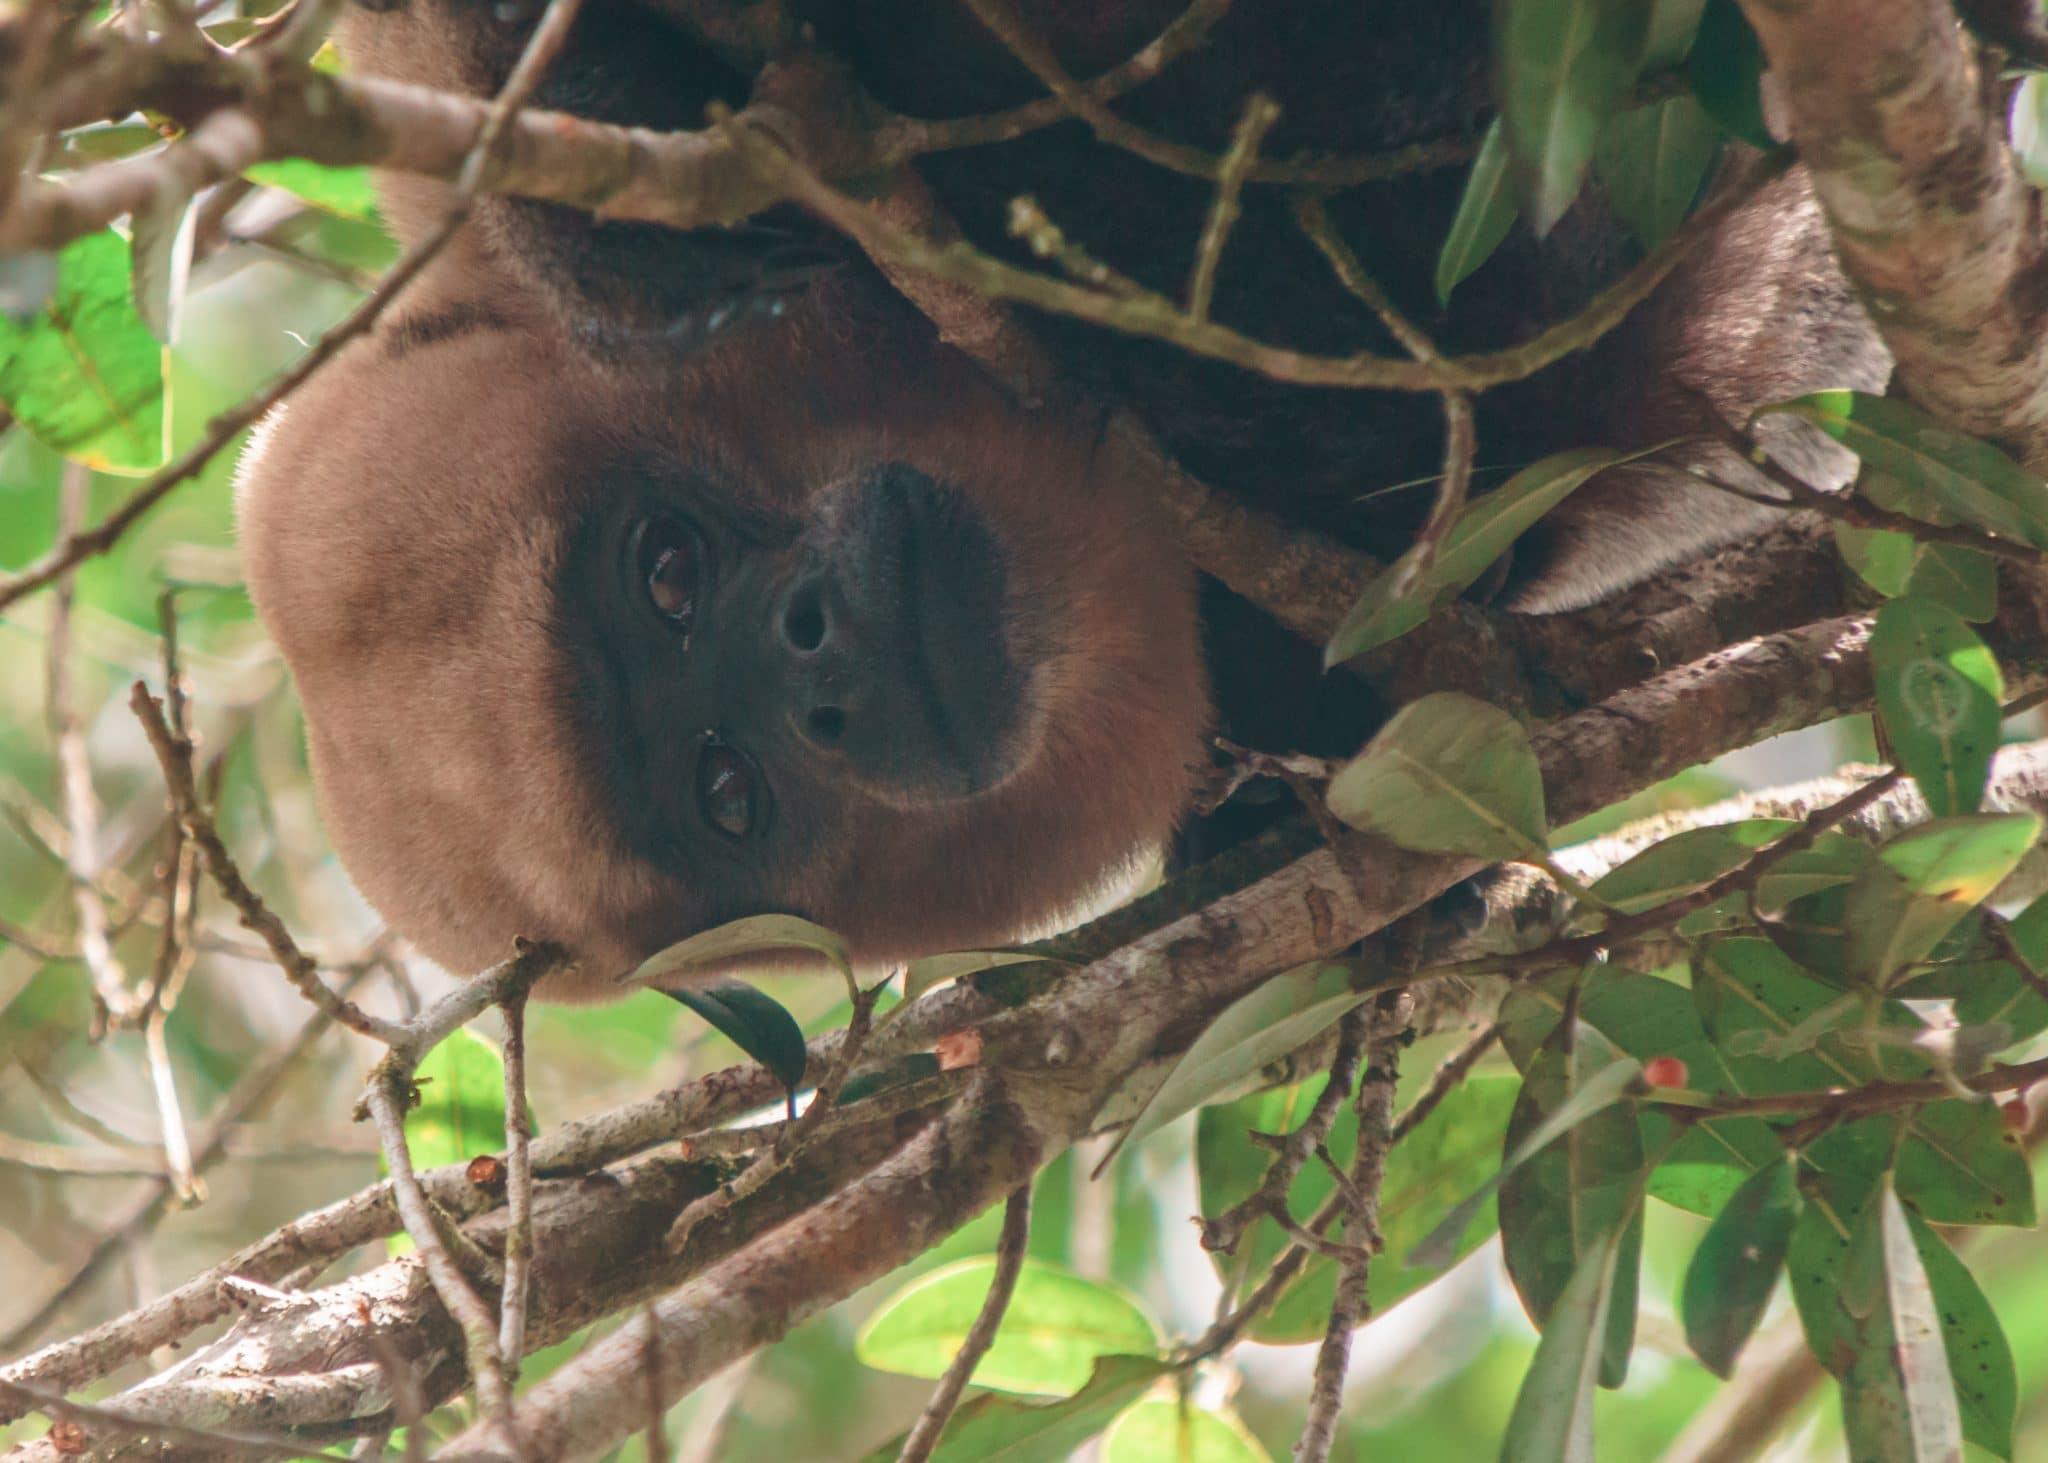 Wooly Monkey seen on our tour of the Ecuador Amazon